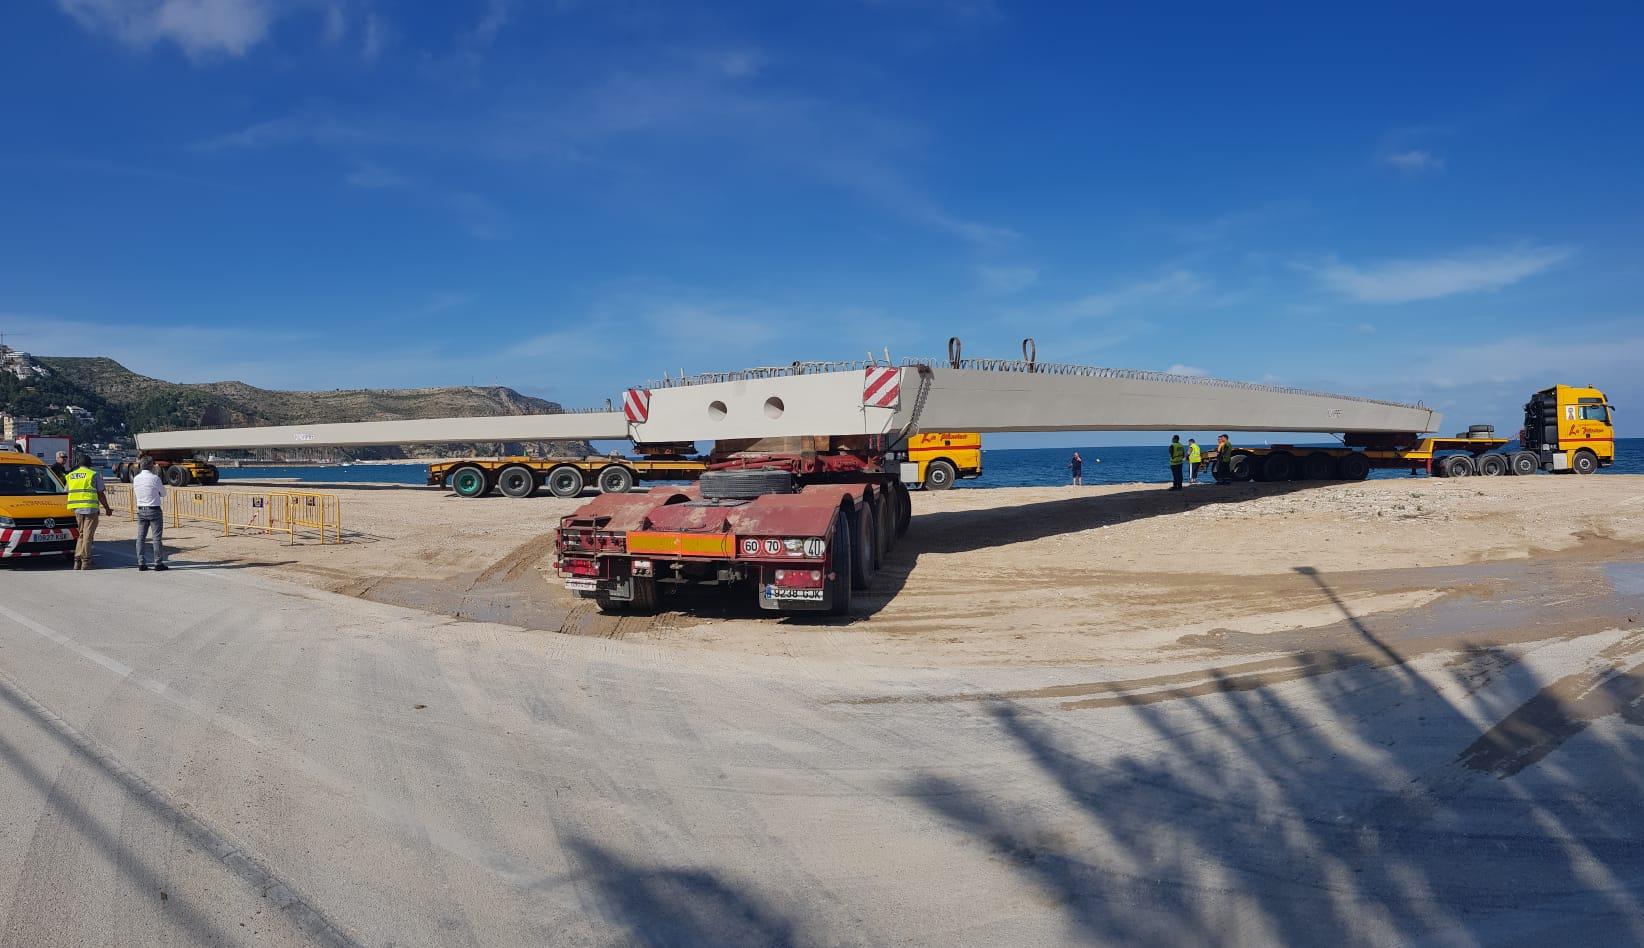 Vigas de gran tonelaje para la construcción del Puente de Triana